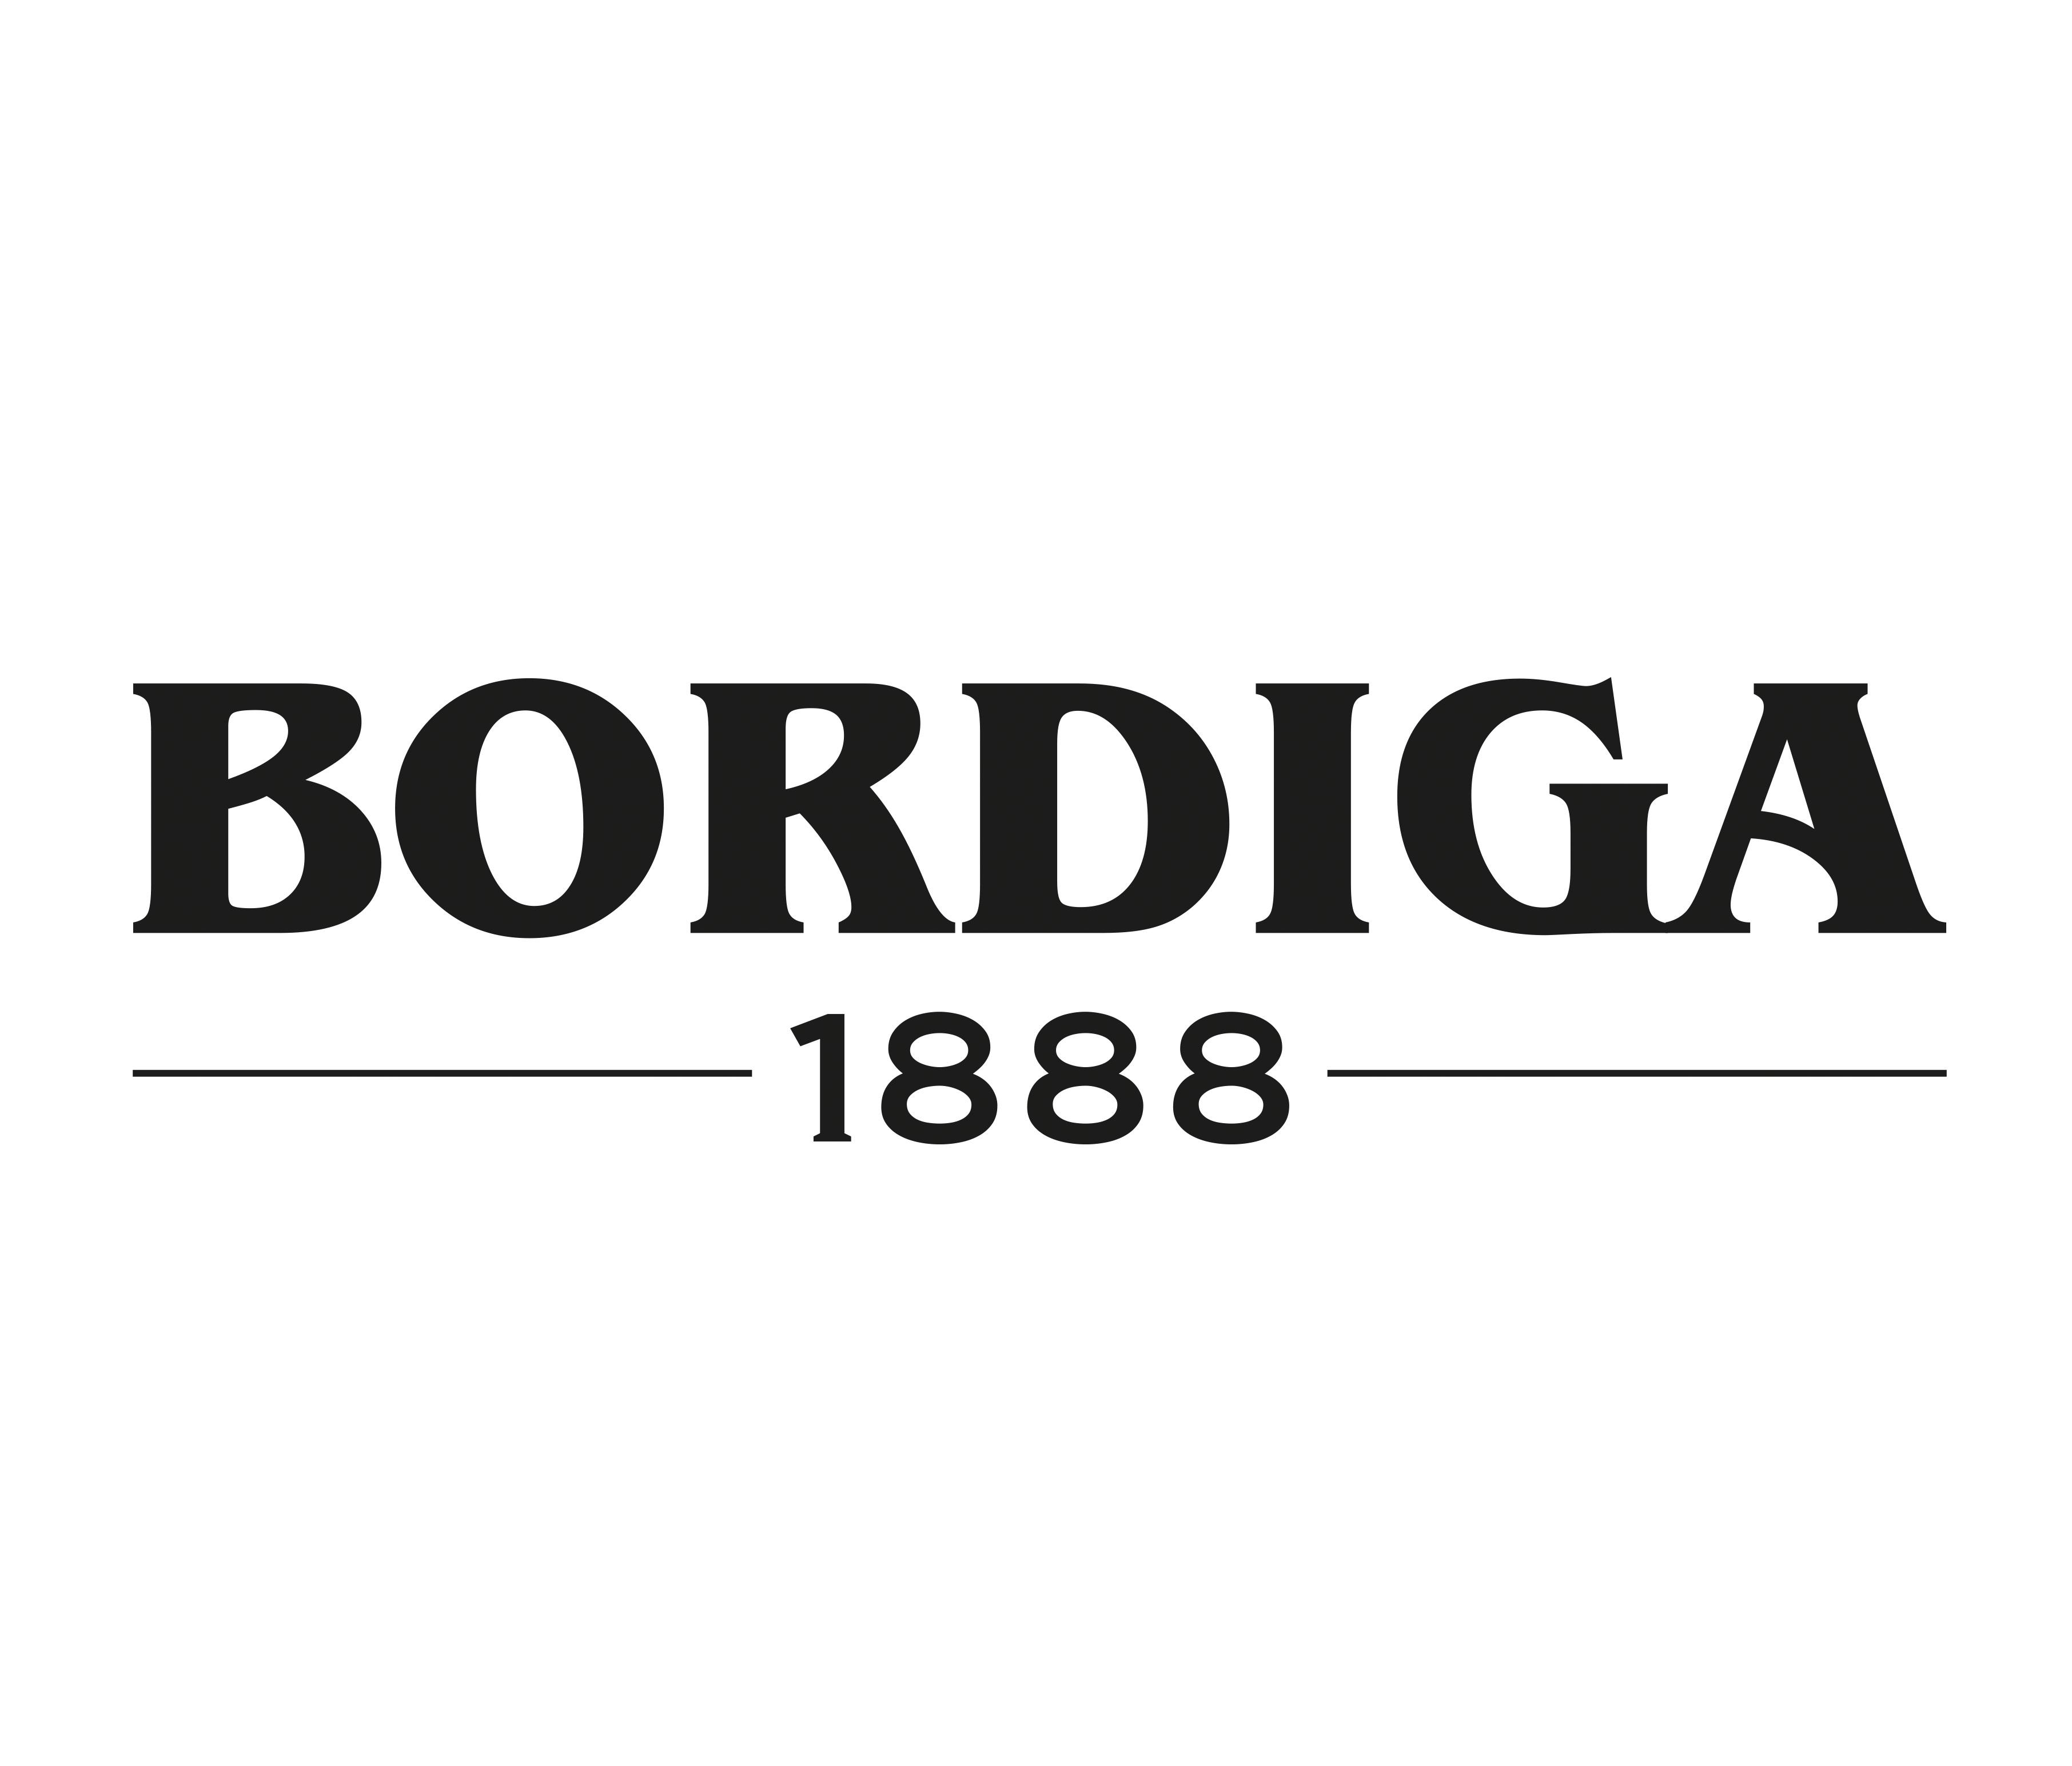 Bordiga 1888